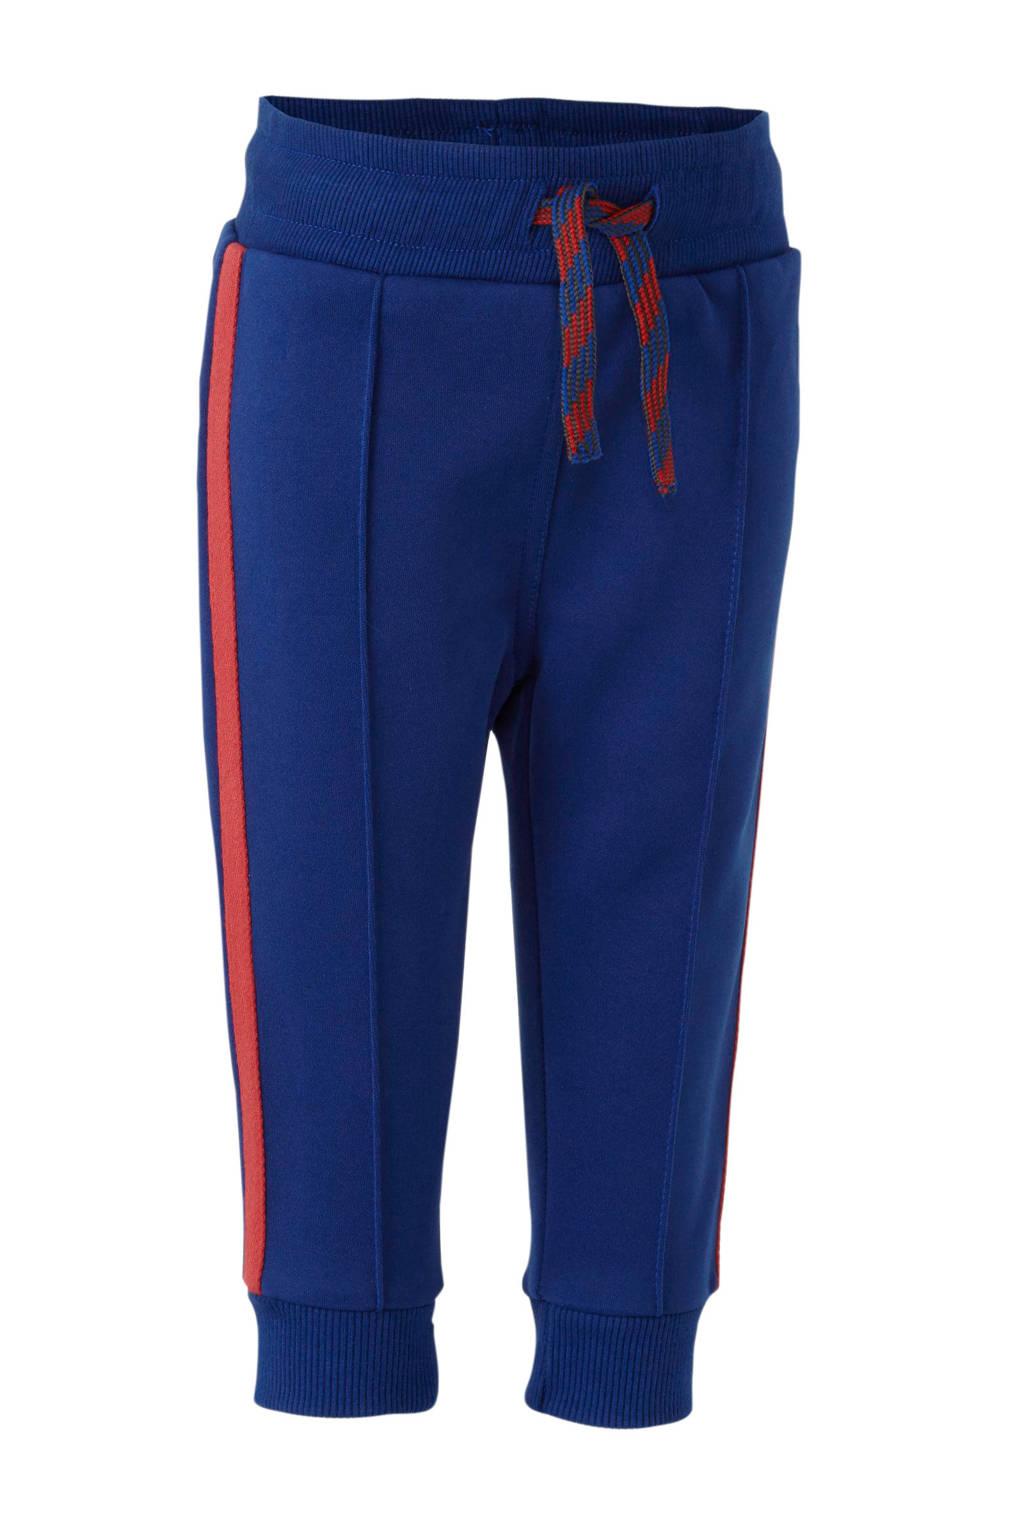 Quapi broek Veron met zijbies kobaltblauw, Kobaltblauw